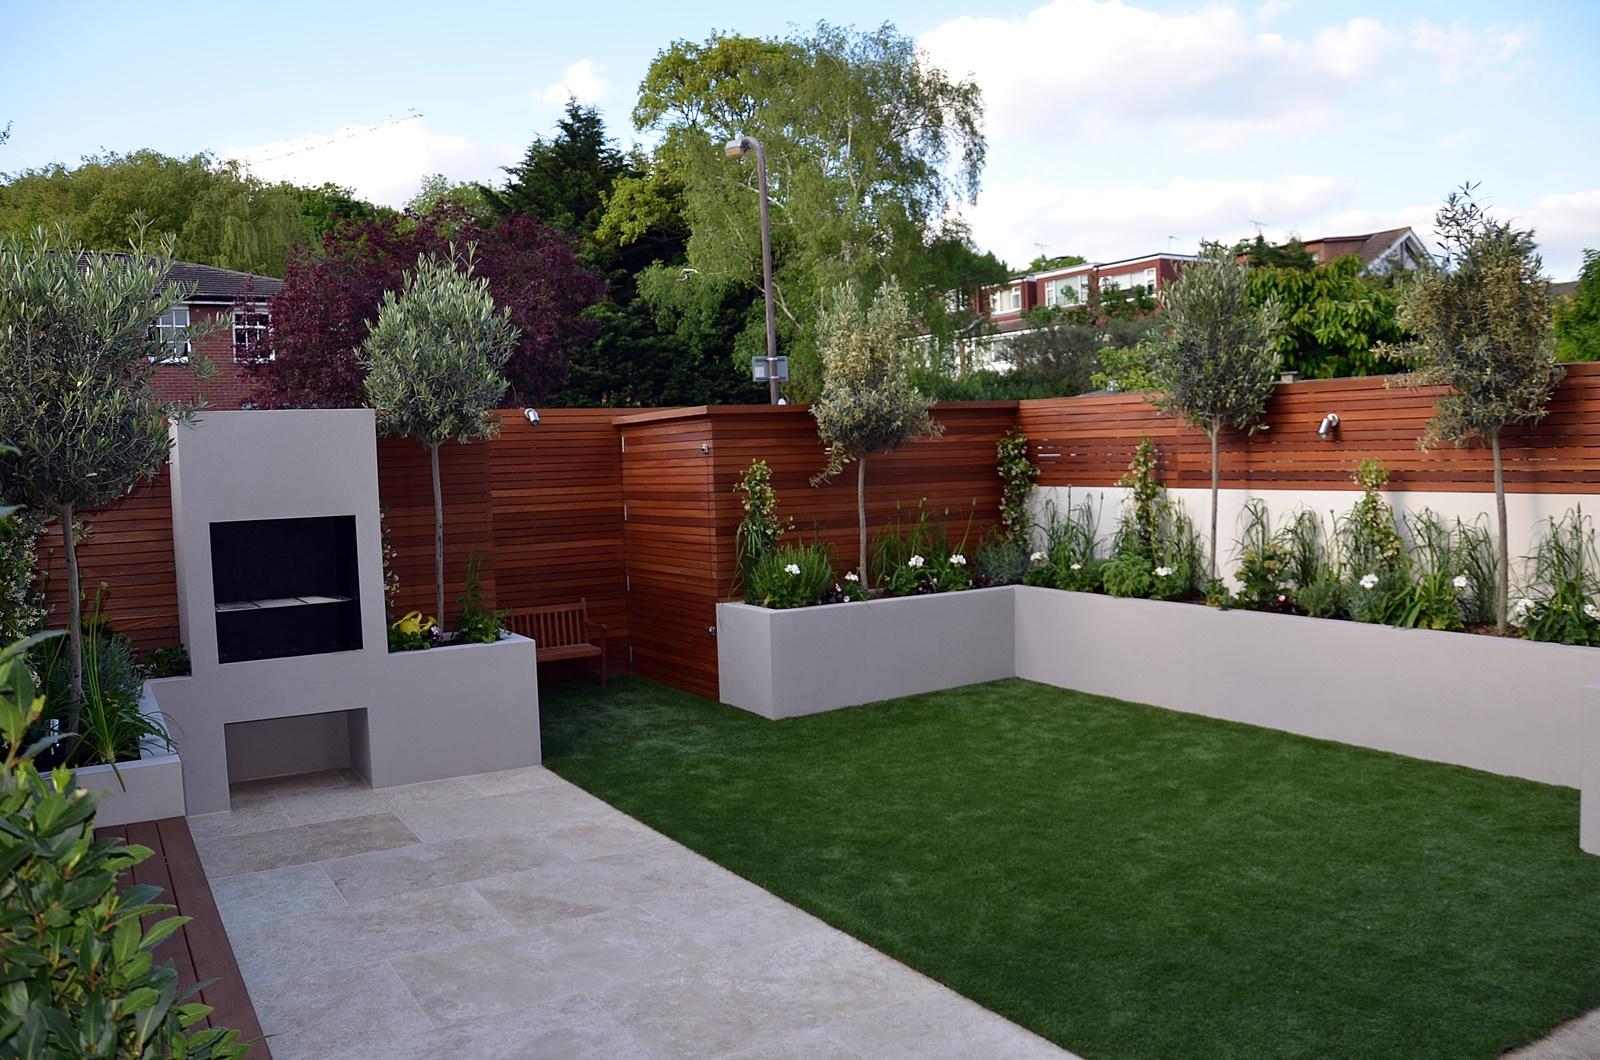 modern garden design 2016 Chelsea fulham kensington london